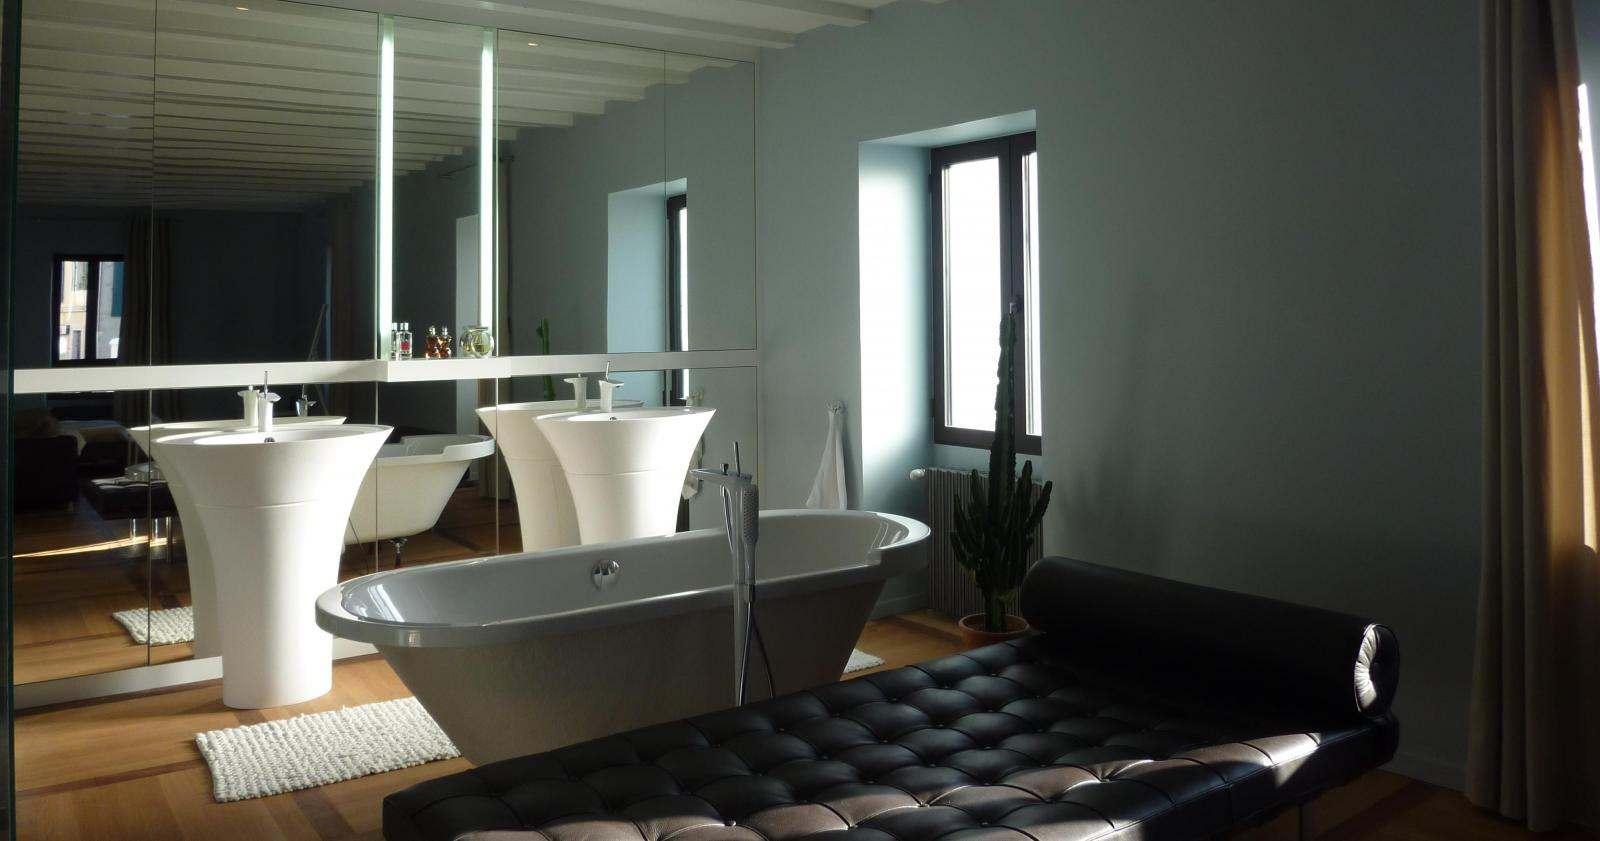 Bureau D Architecture D Intérieur architecture & design d'intérieur - your concept- bureau d